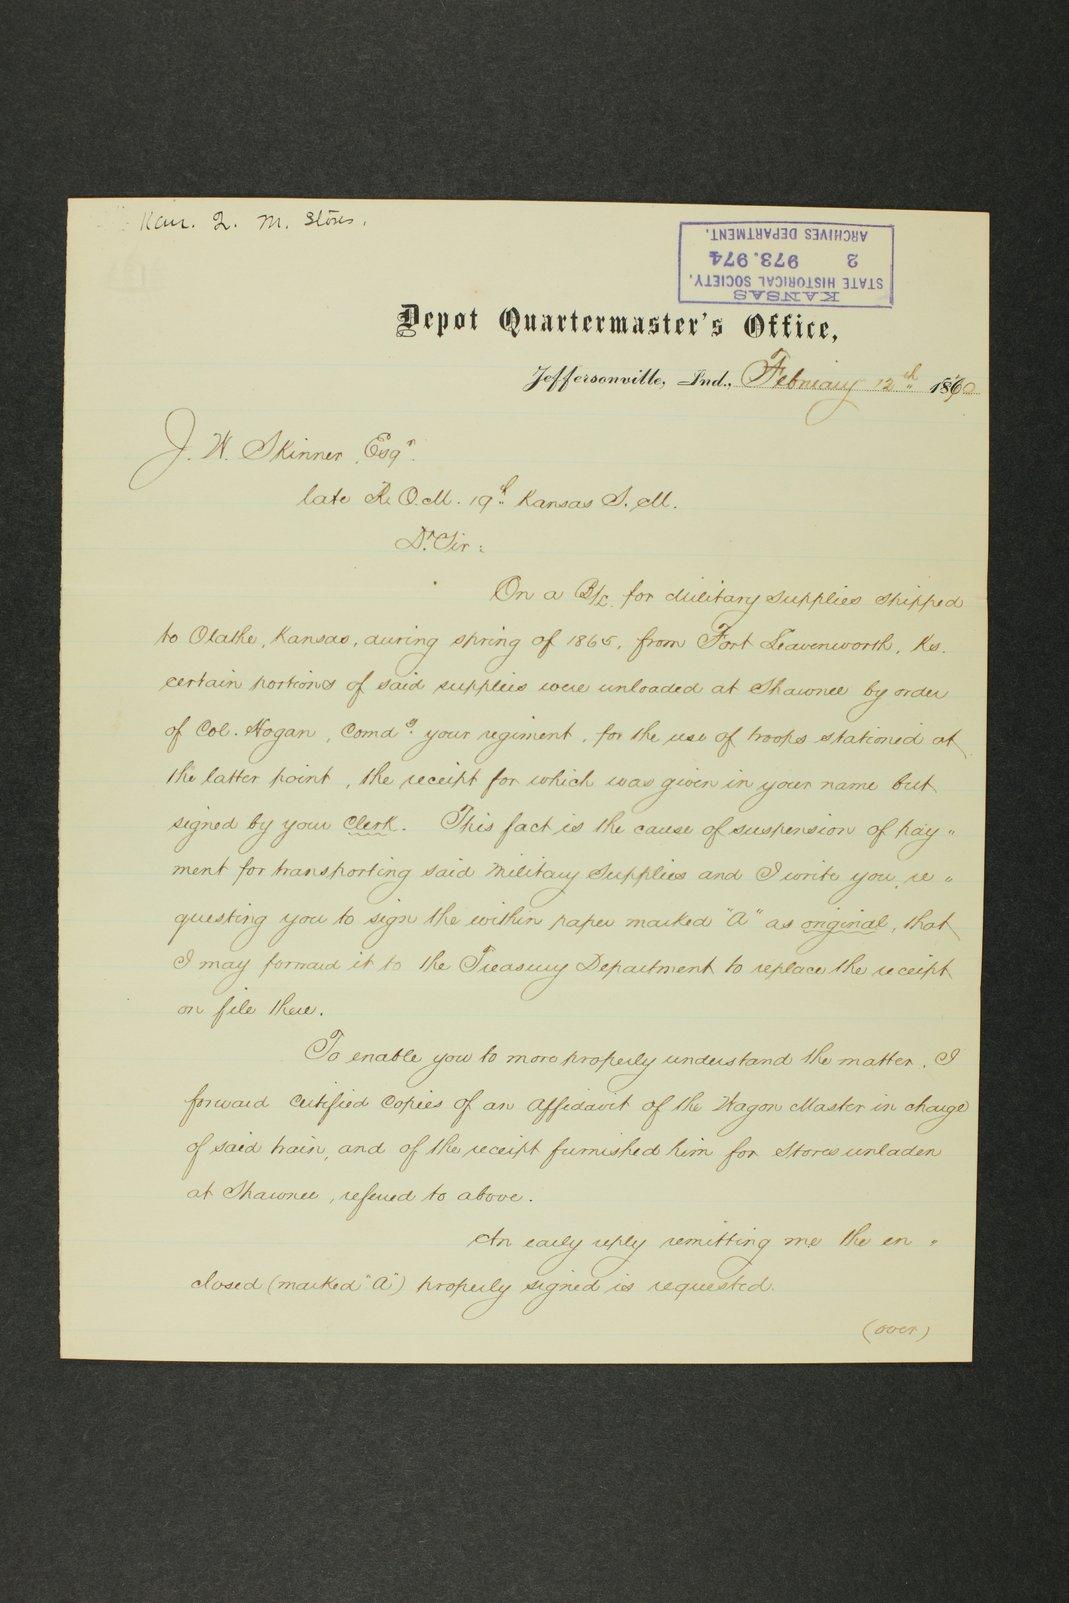 Kansas Adjutant General general correspondence, 1870 - 8